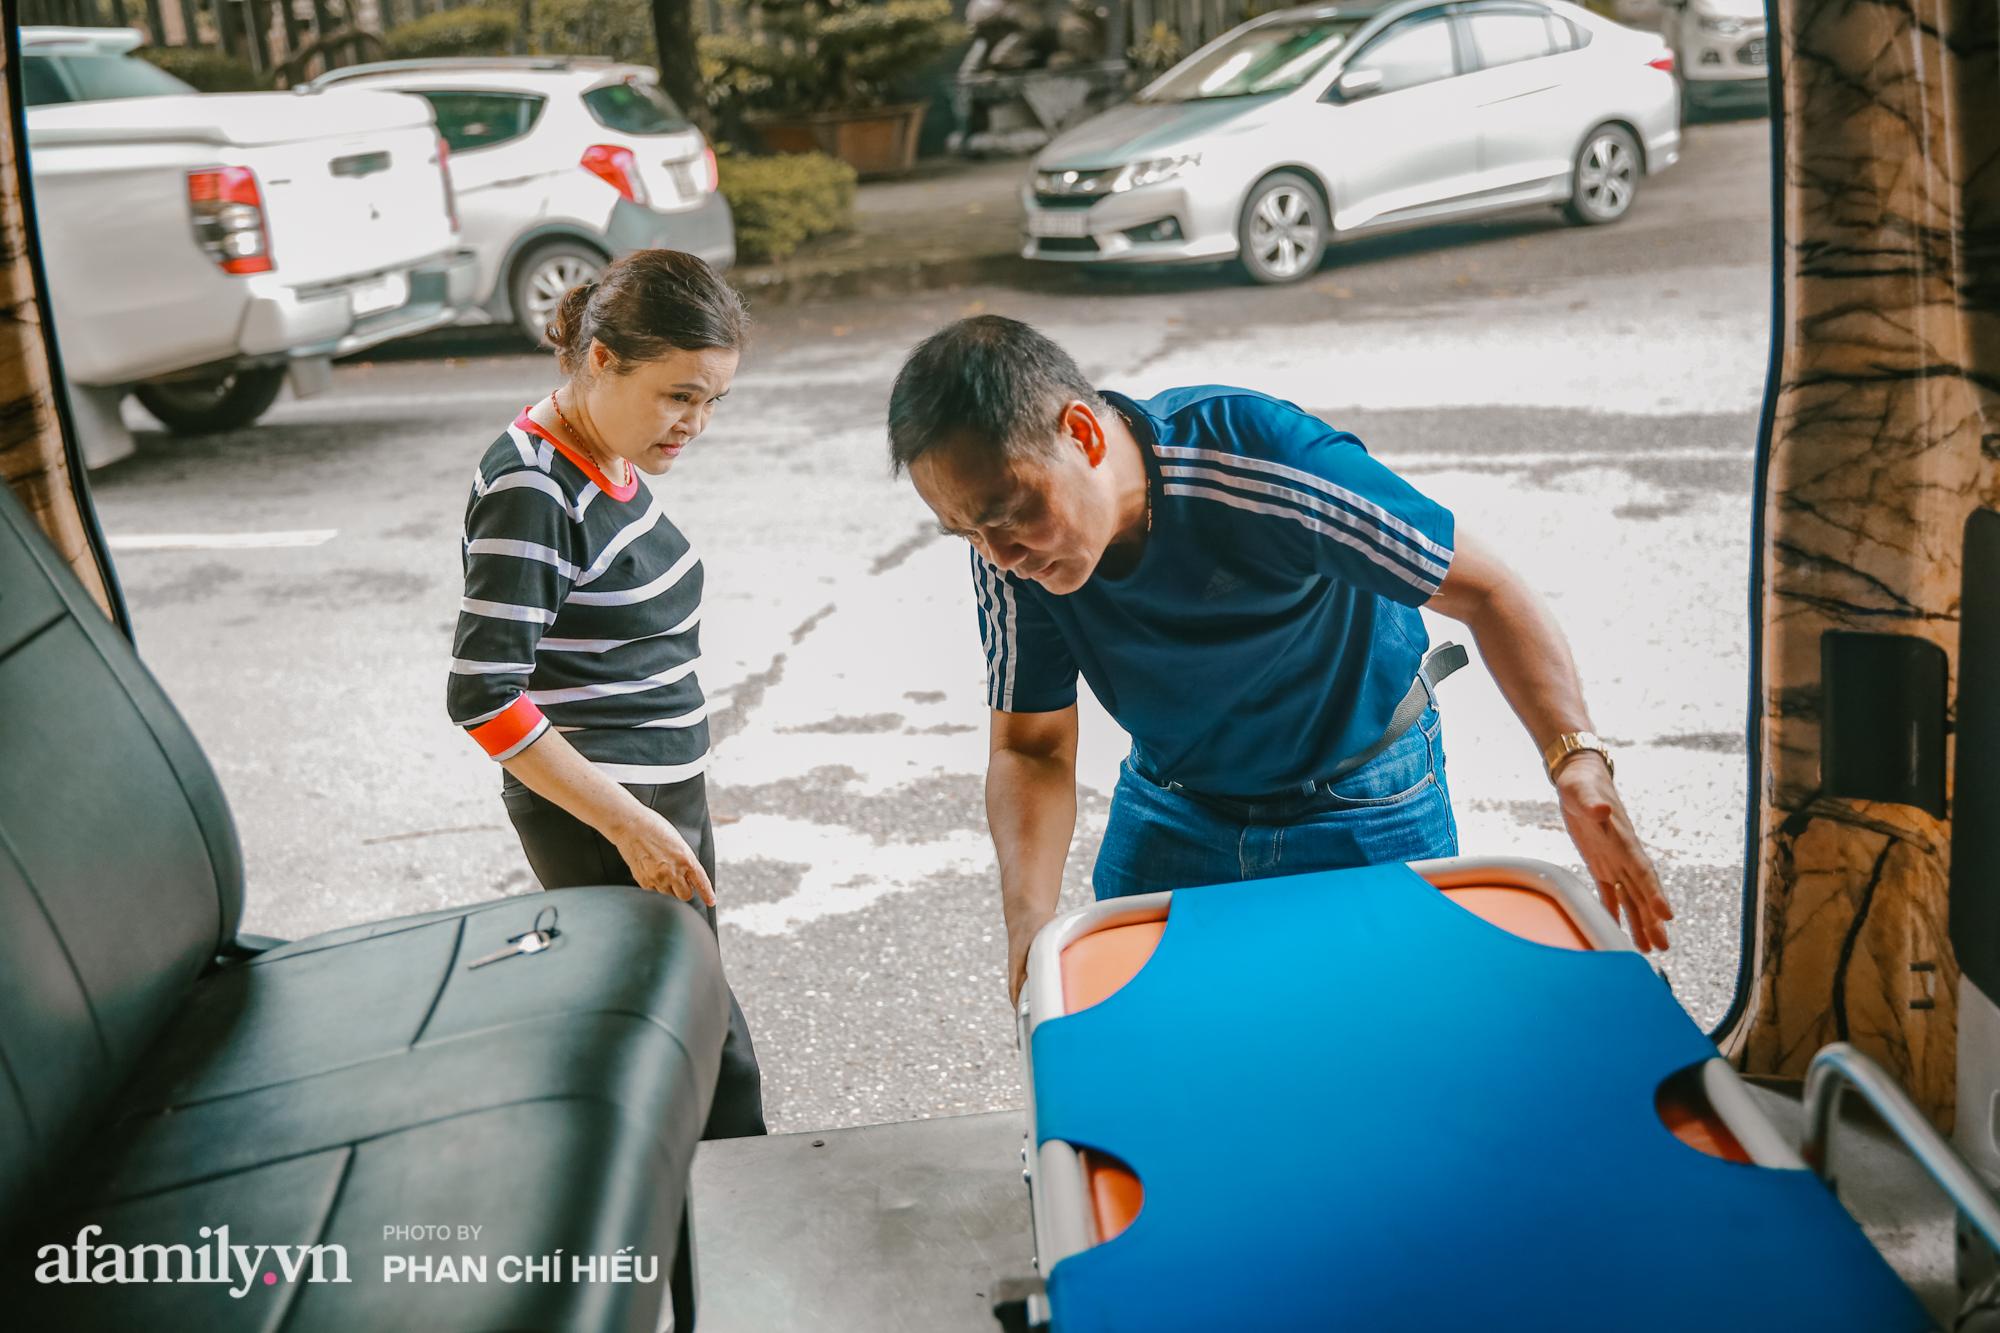 """Lạ! Trên đời có người phụ nữ bán đất mua xe cứu thương giúp người nghèo vượt qua """"bậc thềm"""" sinh tử, cùng chuyến đi định mệnh đưa xác bệnh nhi vượt 300km trở về với gia đình gần biên giới Việt - Lào - Ảnh 9."""